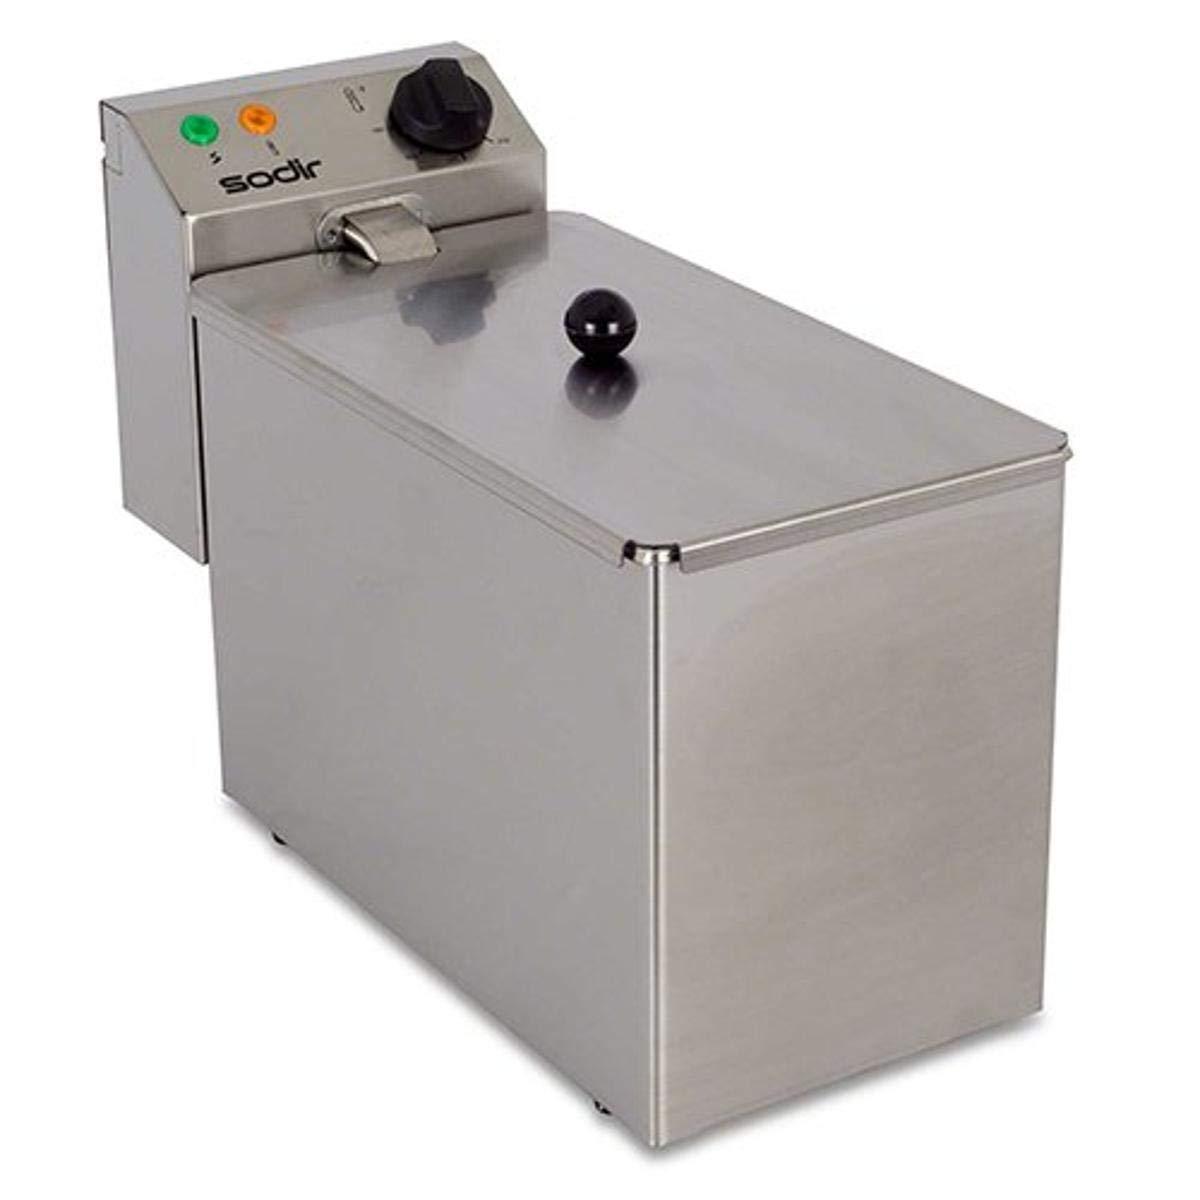 Equipex RF5S Sodir 10-Pound Commercial Countertop Fryer, Stainless Steel, 120V, ETL